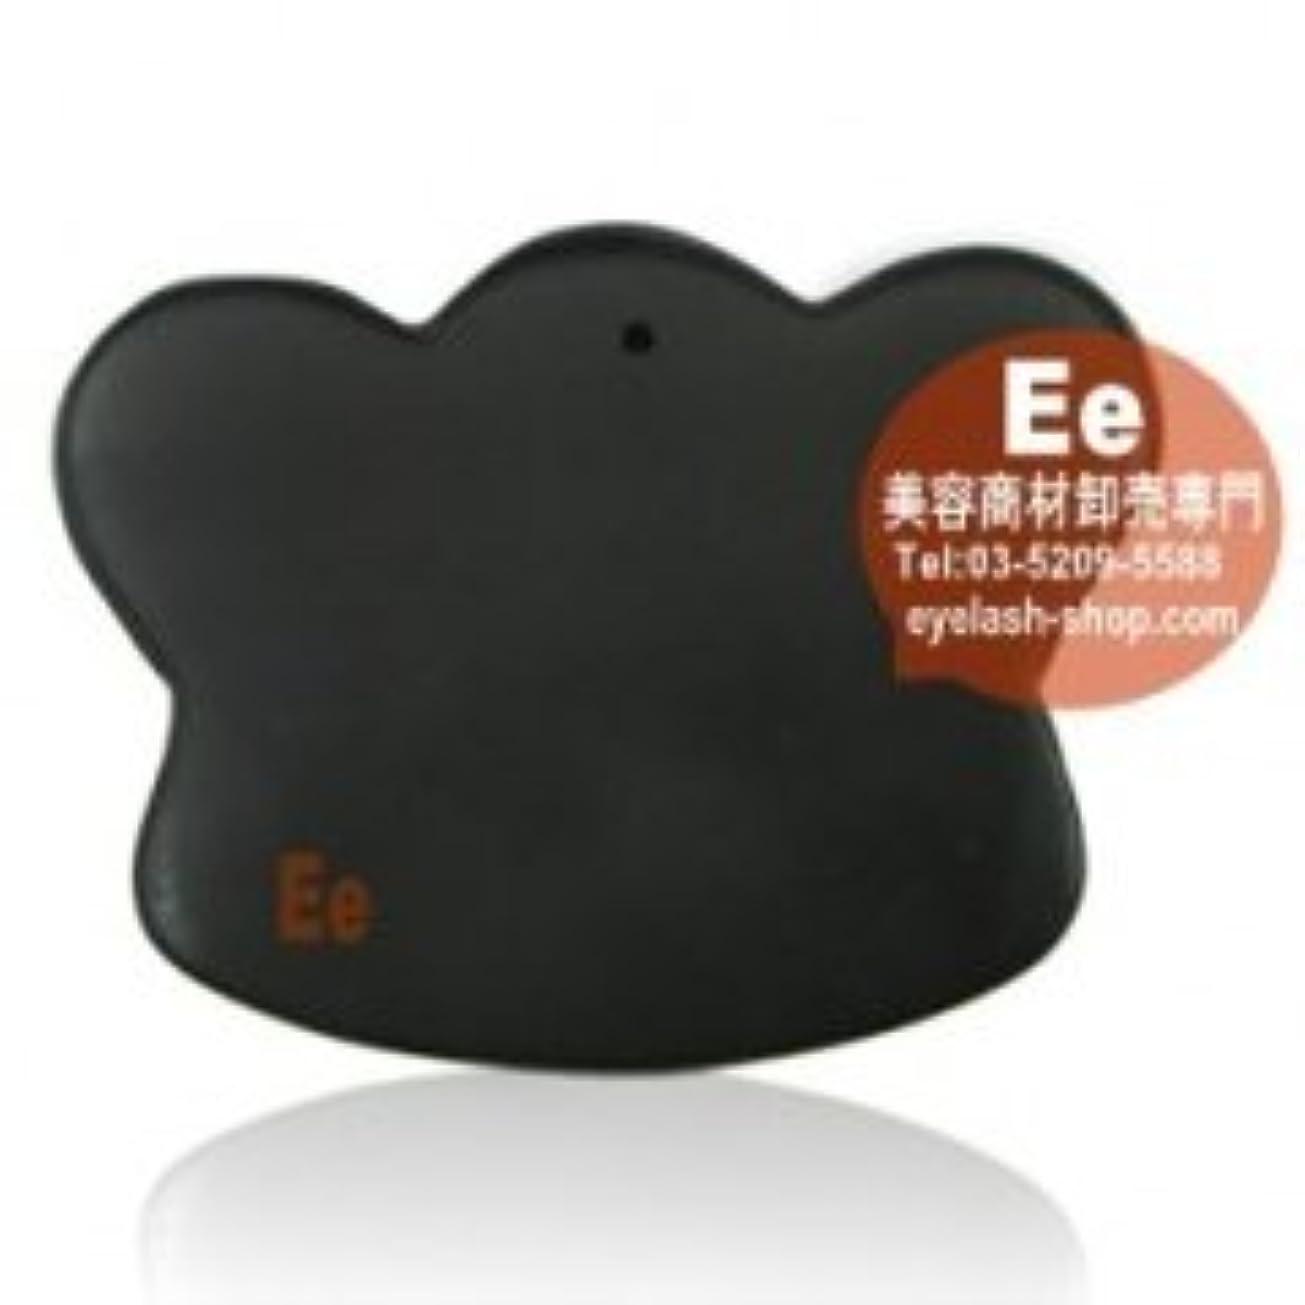 【100%本物保障】最高級天然石美容カッサプレート 天然石カッサ板 S-13